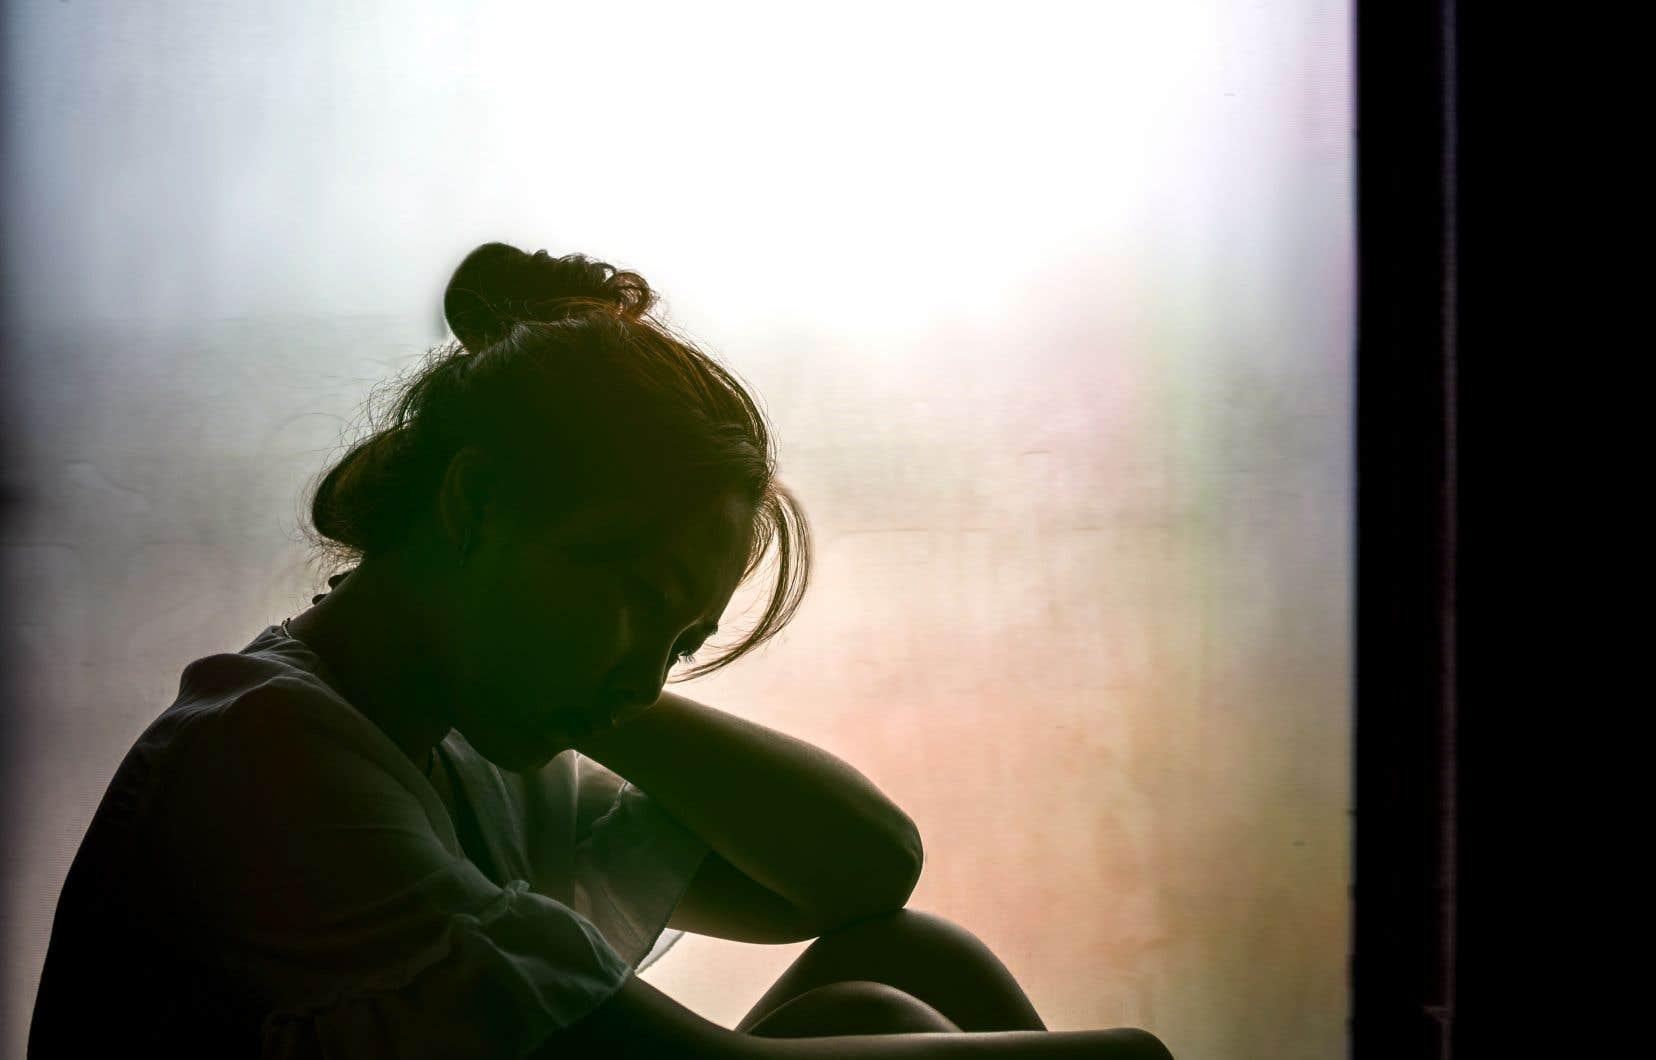 L'histoire de Suzie Aubé fait partie des cinq cas que la coroner a choisi d'étudier dans le cadre d'une enquête thématique sur les suicides entamée en décembre 2019.